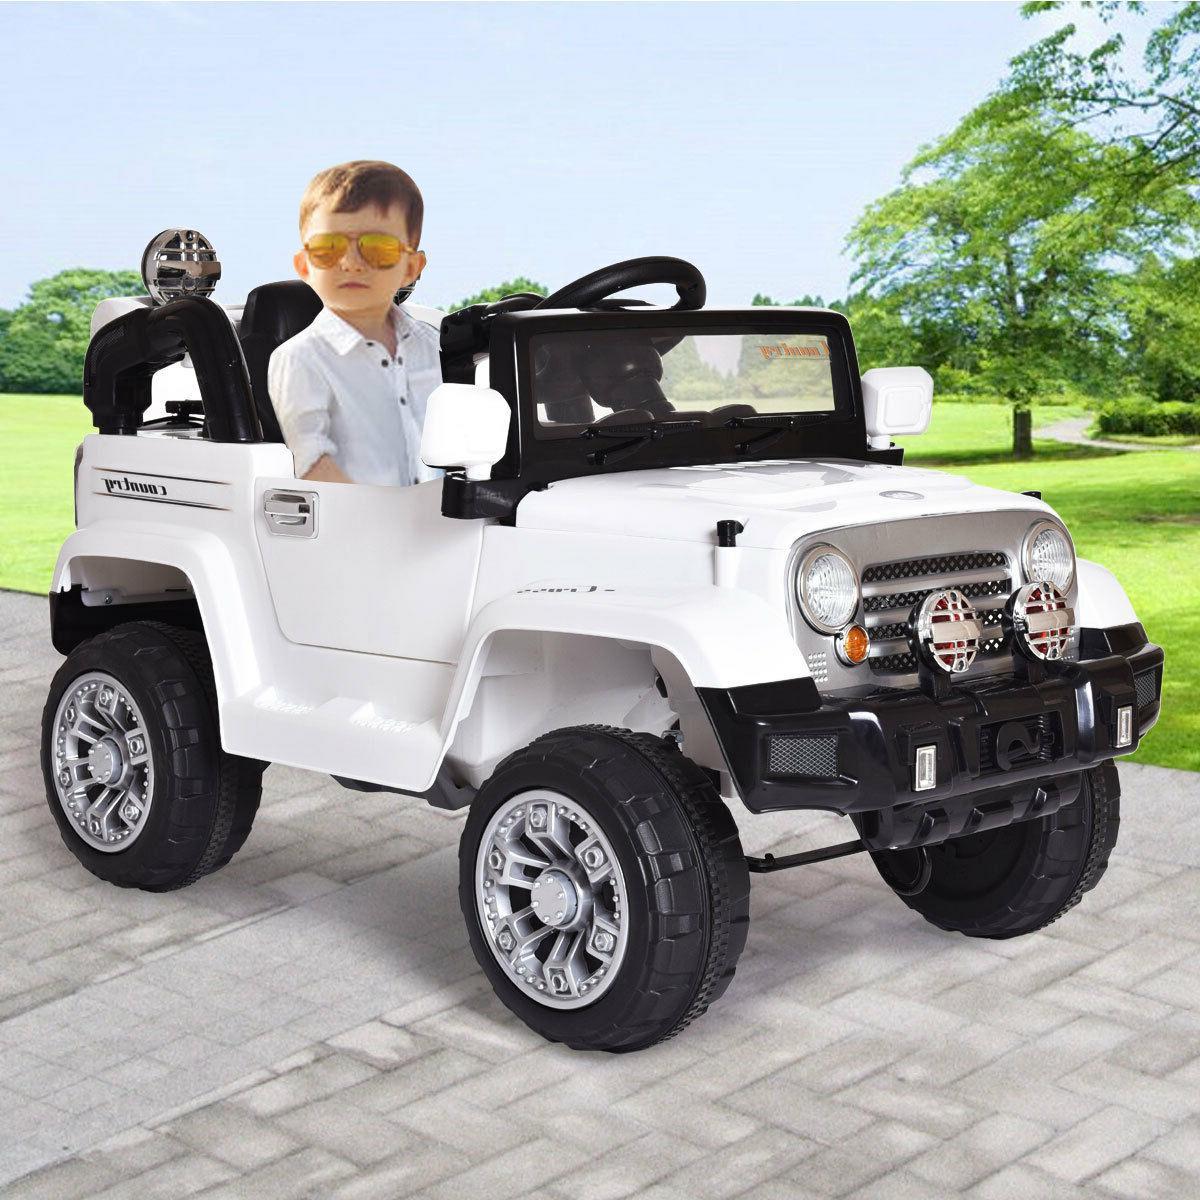 12V MP3 Car Truck Ride W/ LED White